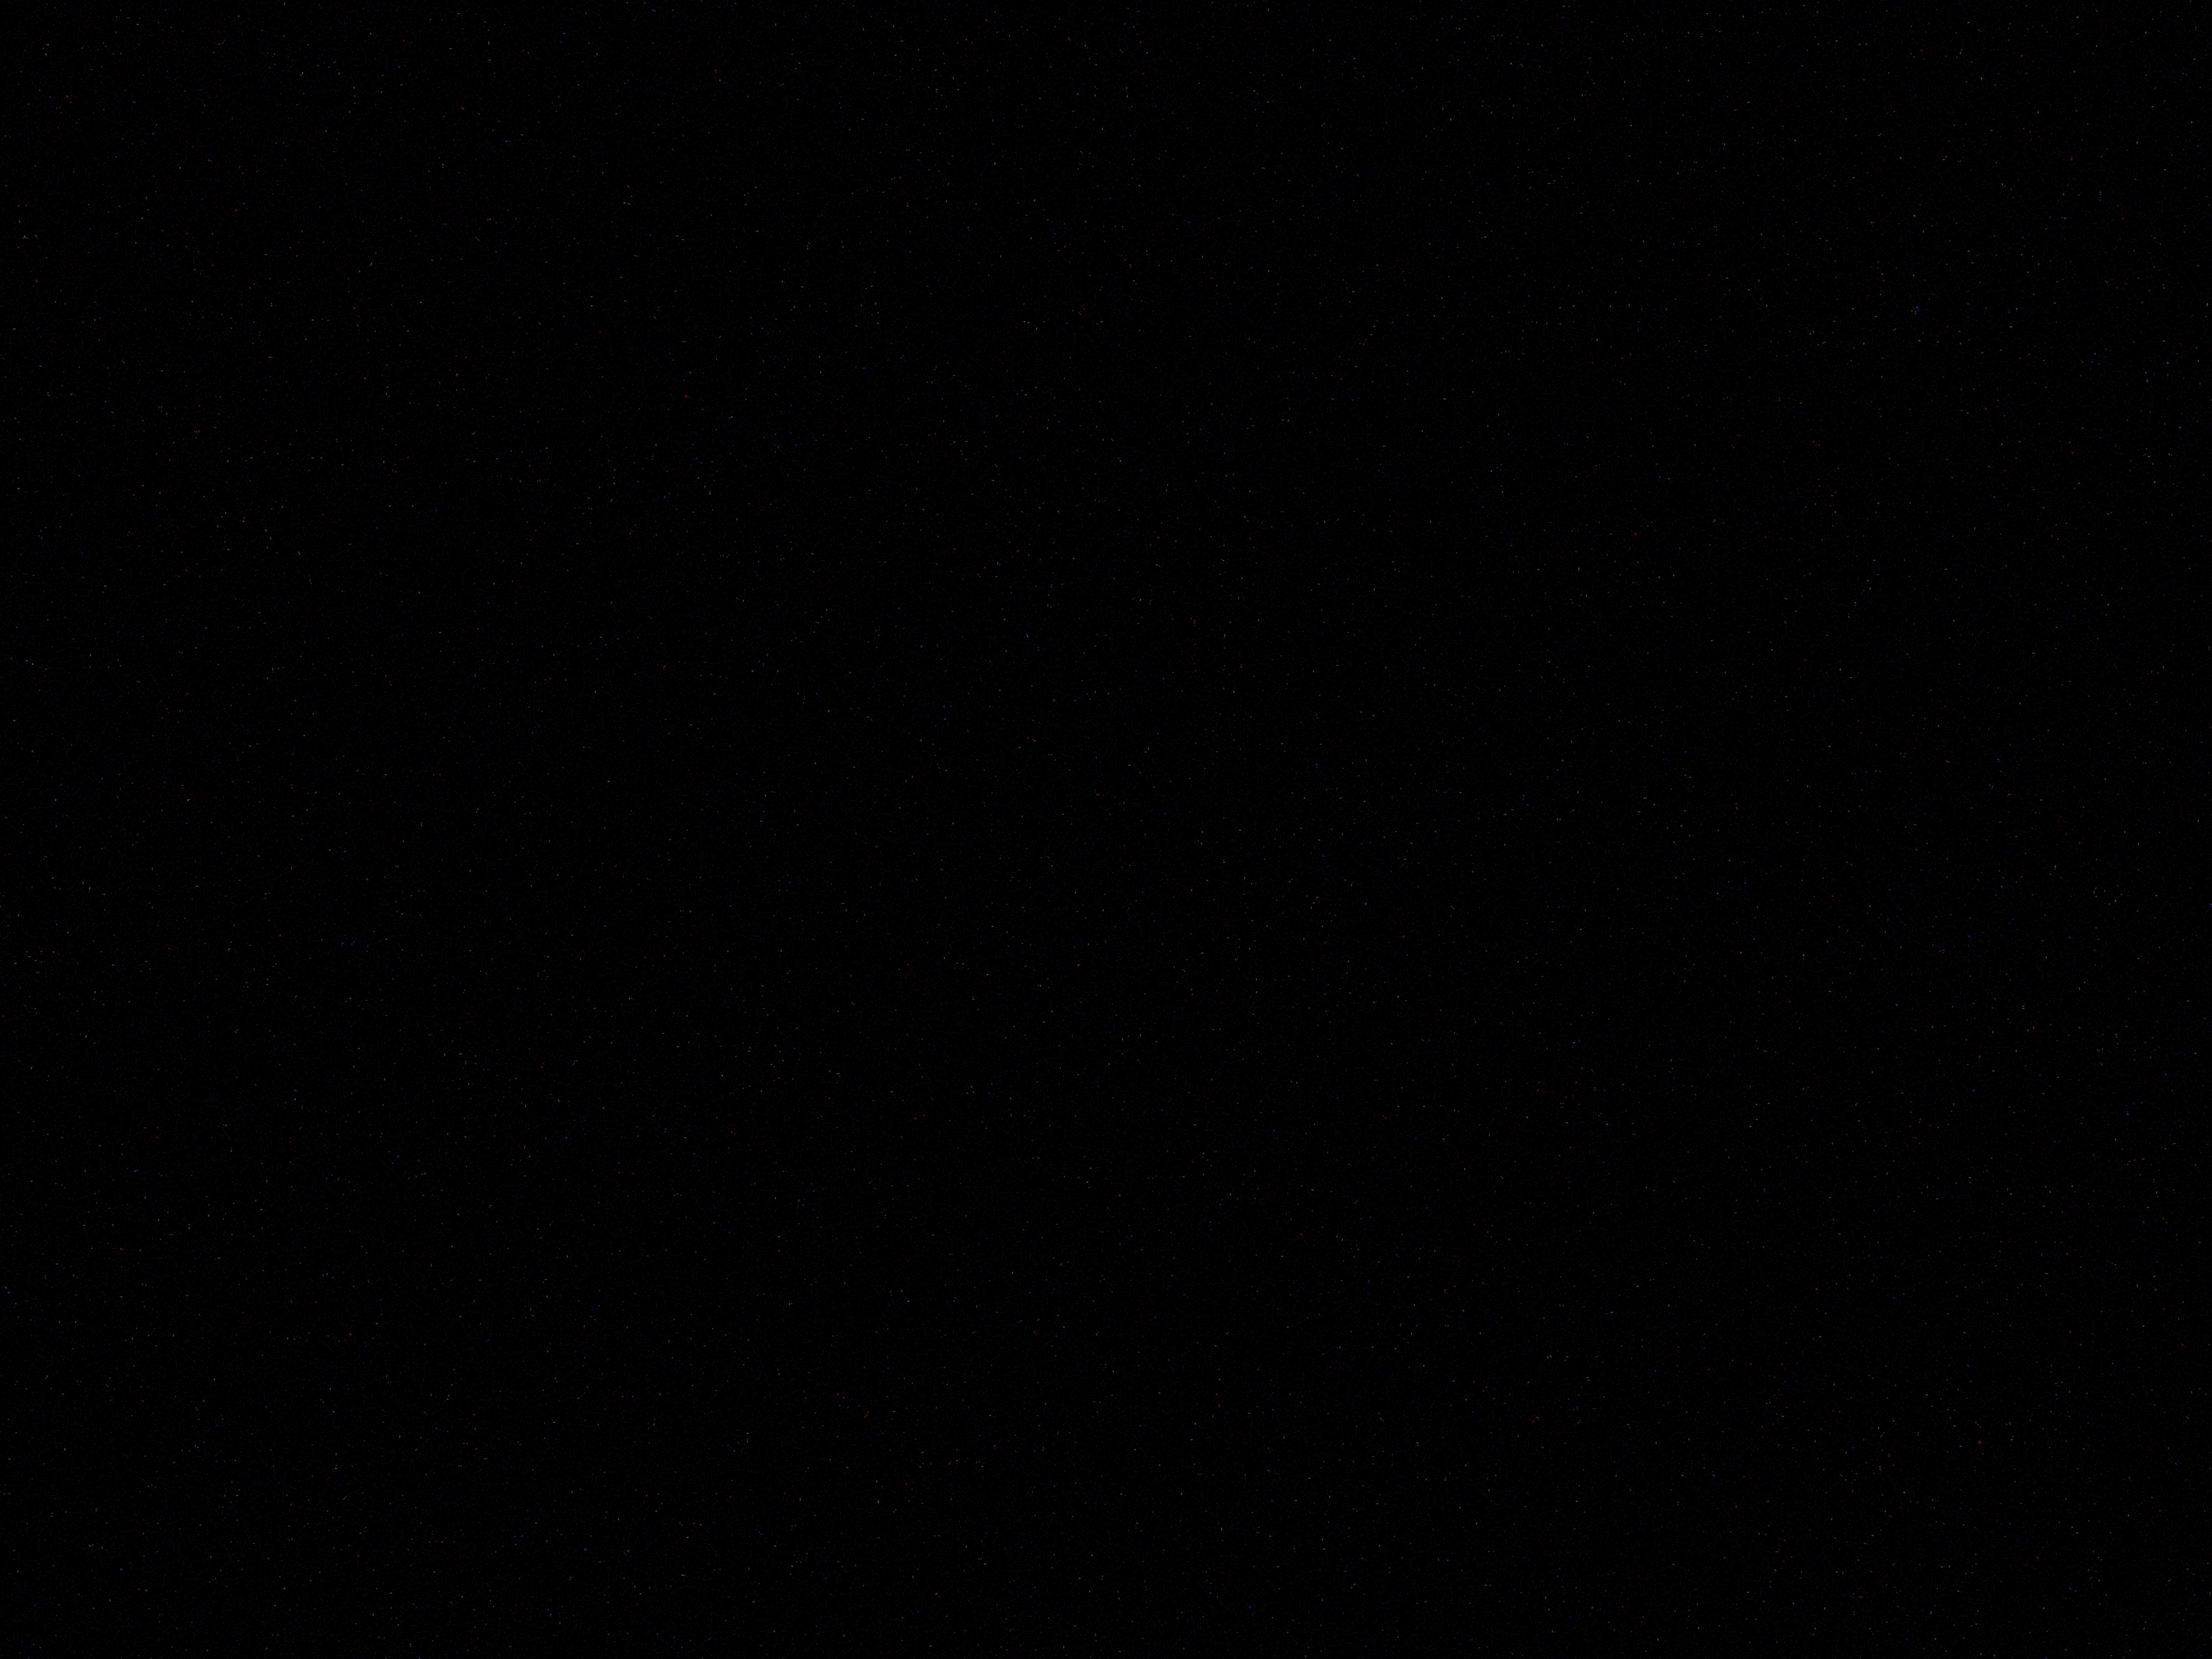 черное фото без рисунка